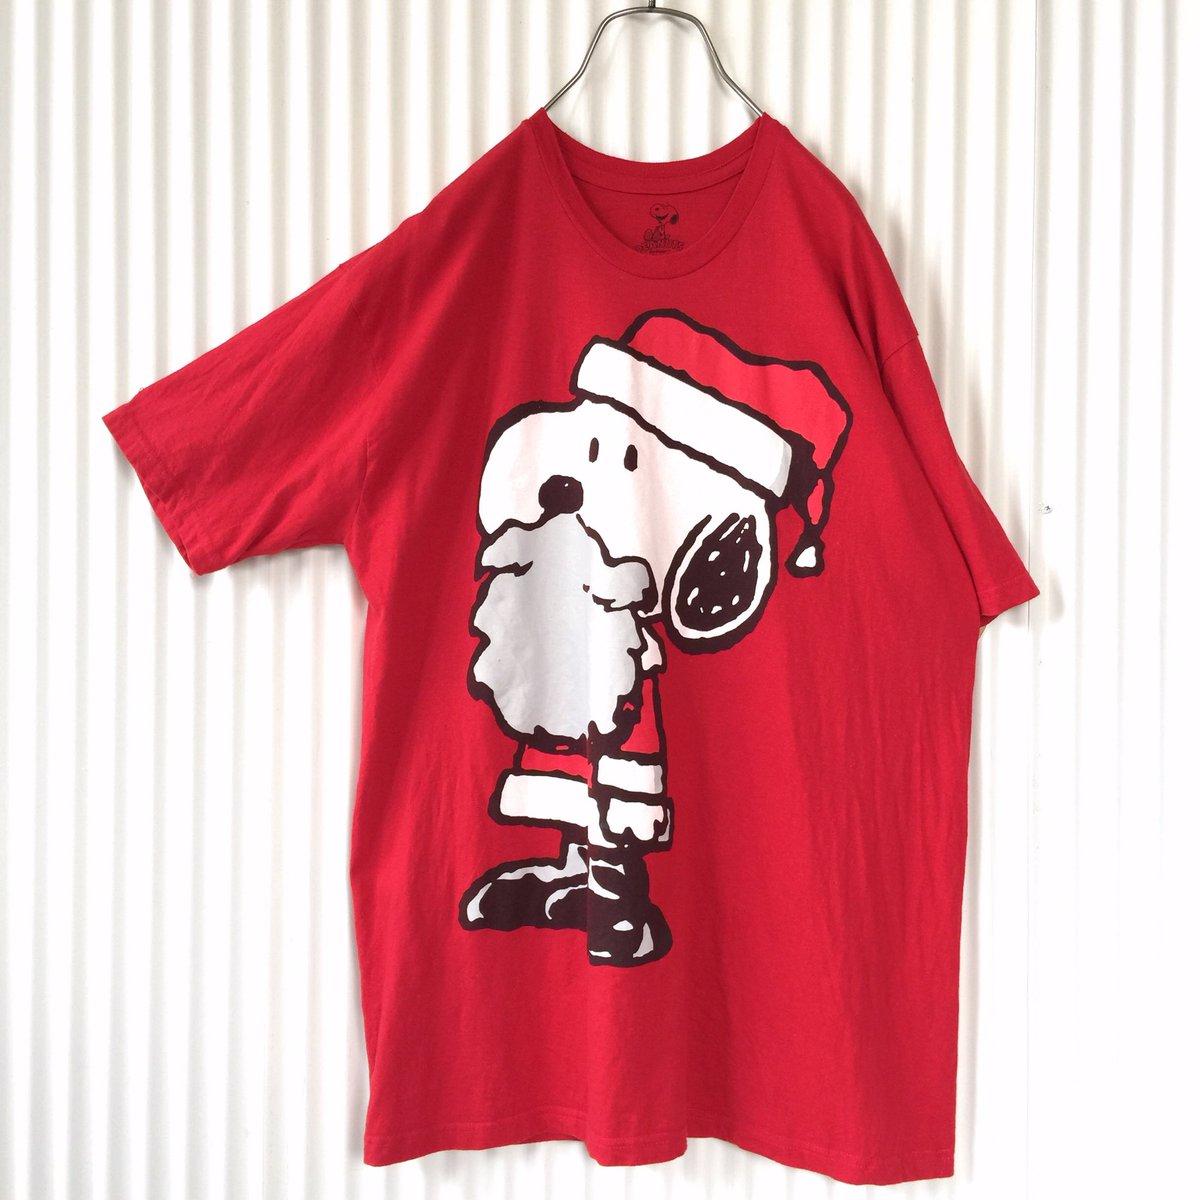 ⛄️スヌーピーサンタさんBIG Tシャツ 赤ゆるゆるサイズの真っ赤なビッグTシャツにたっぷりヒゲをたくわえてサンタさんに